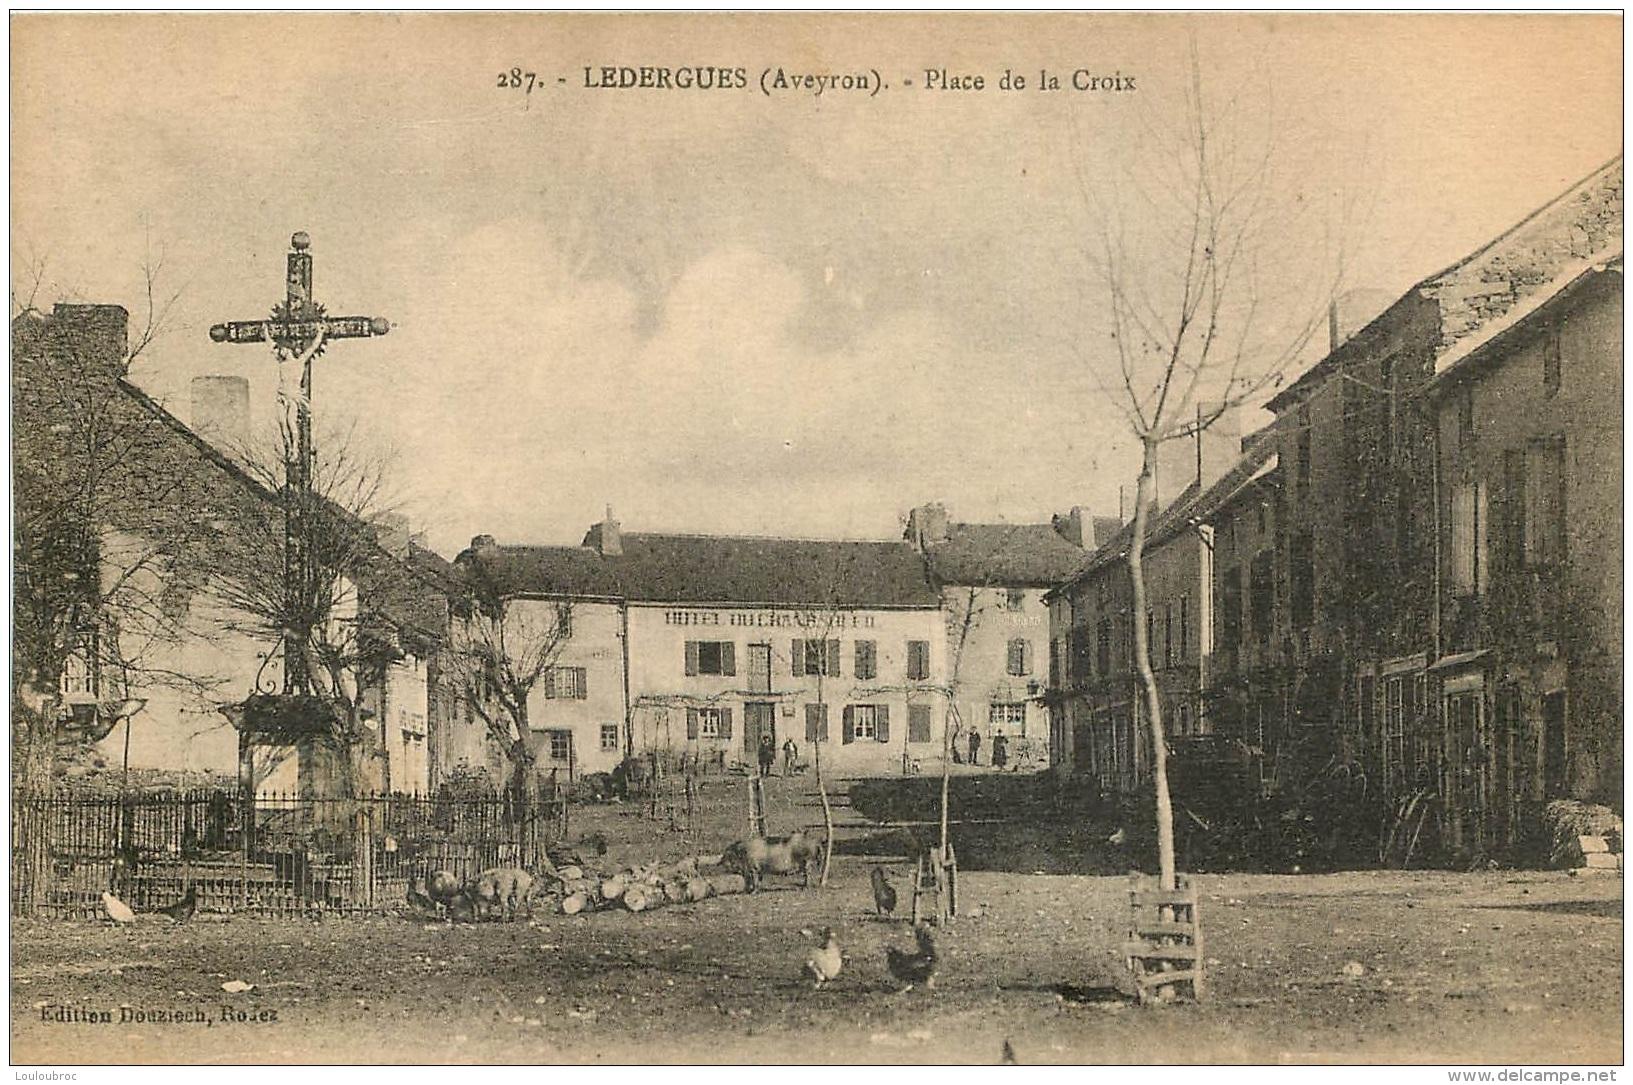 LEDERGUES PLACE DE LA CROIX - France